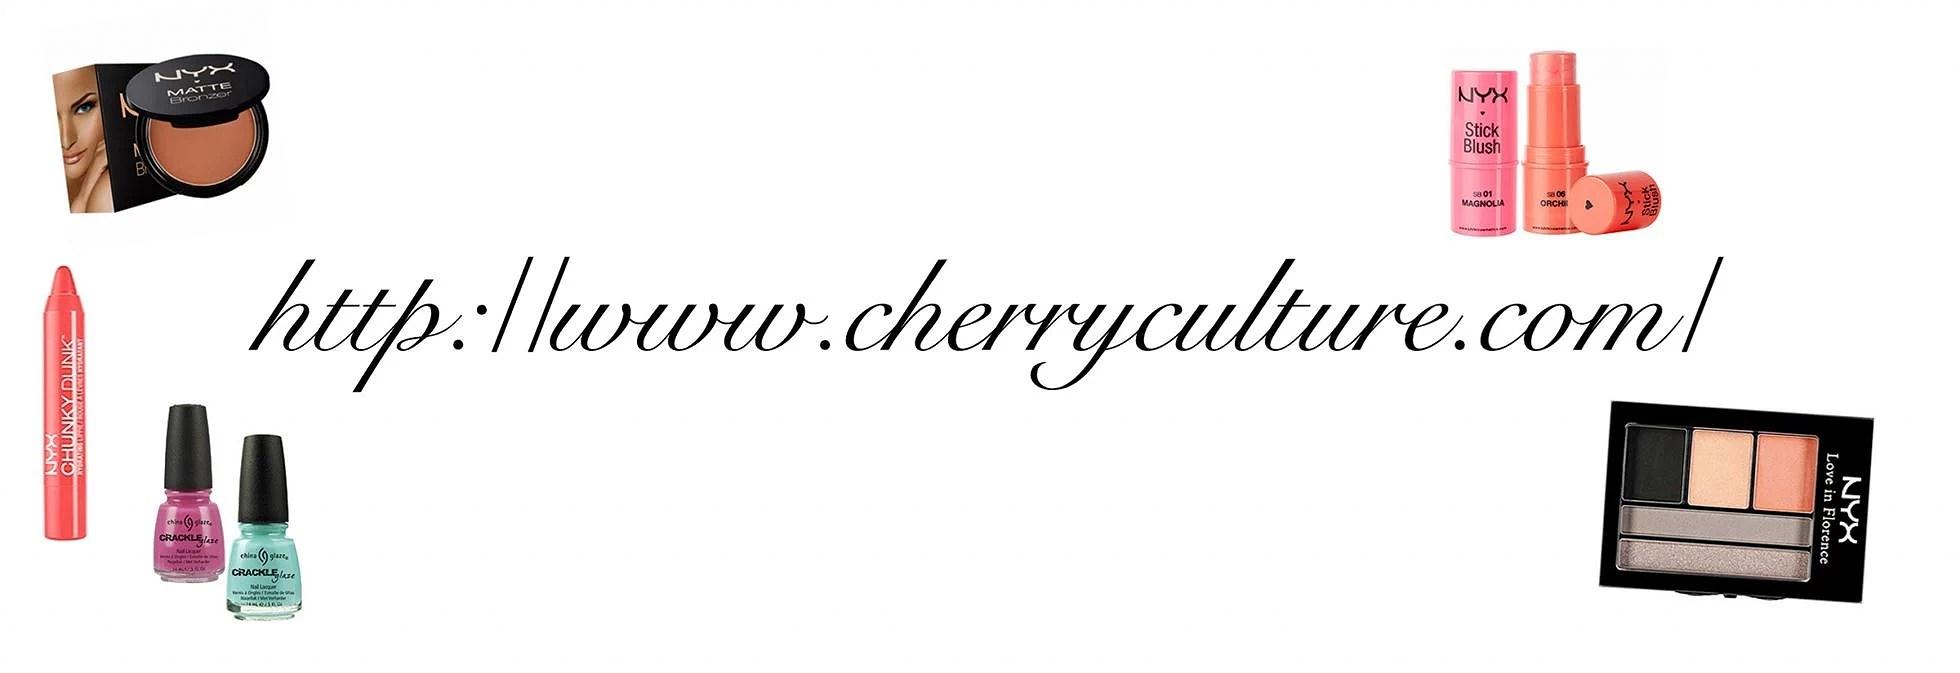 cherryculture